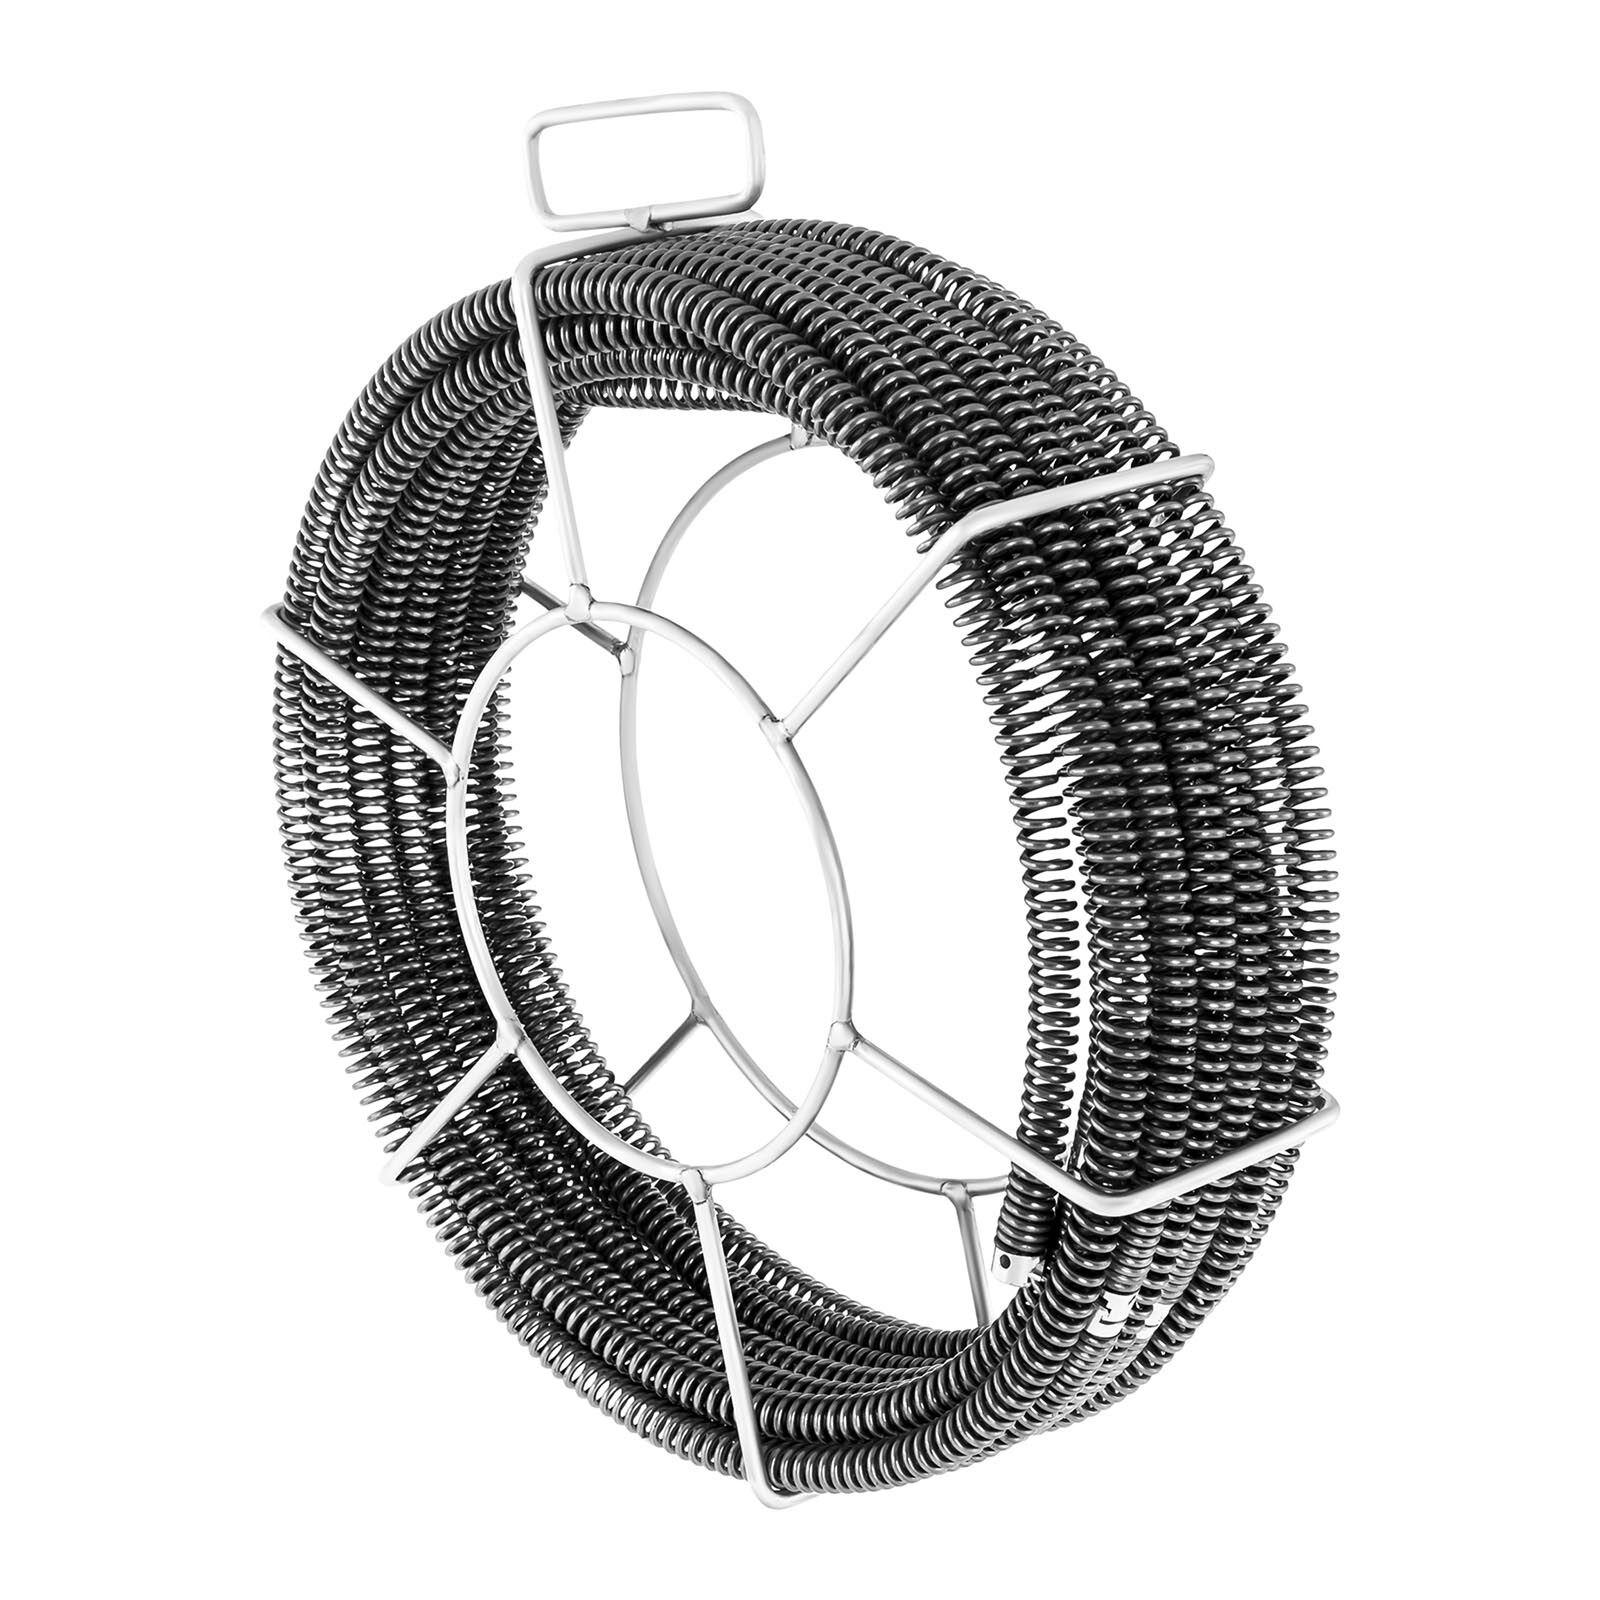 msw sonda spurgatubi professionale set - 5 x 2,3 m - Ø 16 mm & 1 x 2,4 m - Ø 15 mm -cable set 2